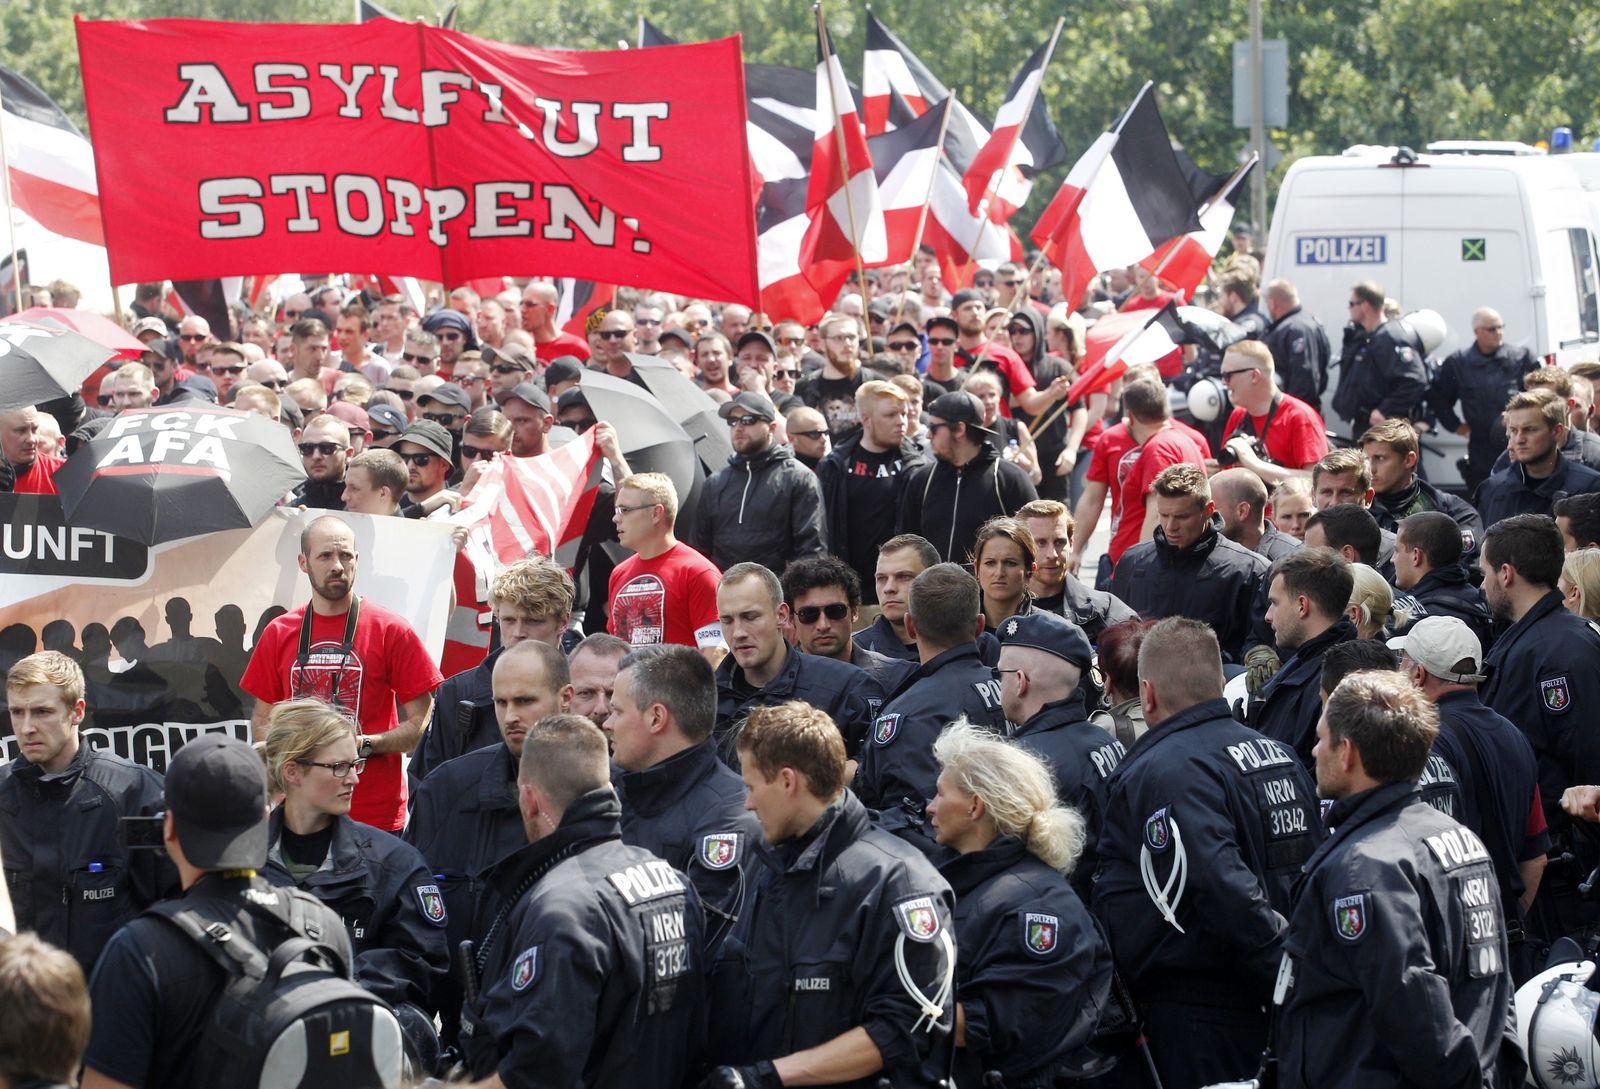 Aufmarsch von Rechtsextremisten in Dortmund